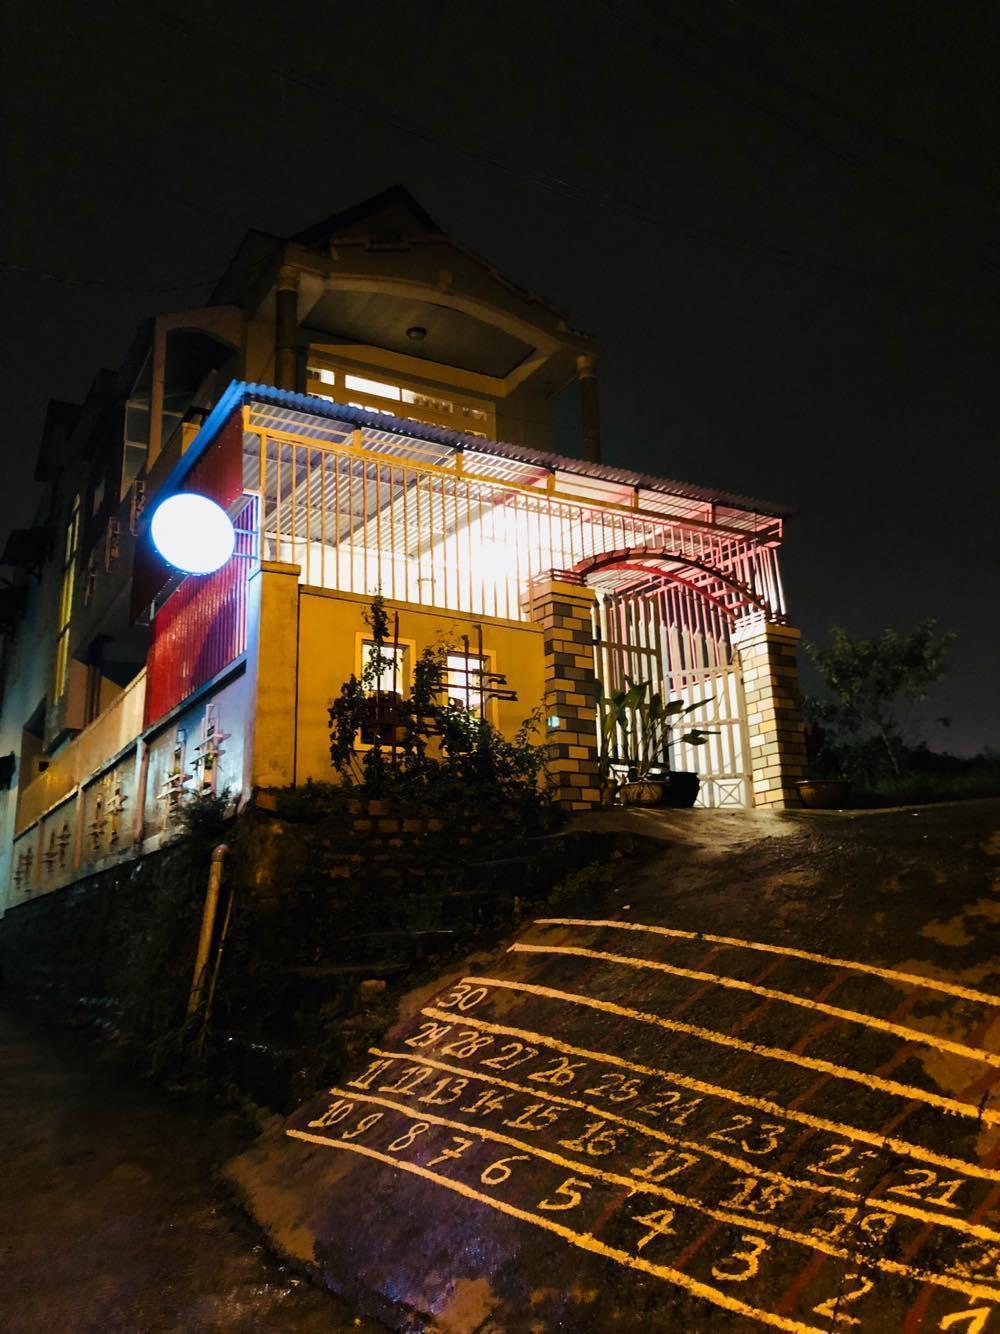 Lamy's House